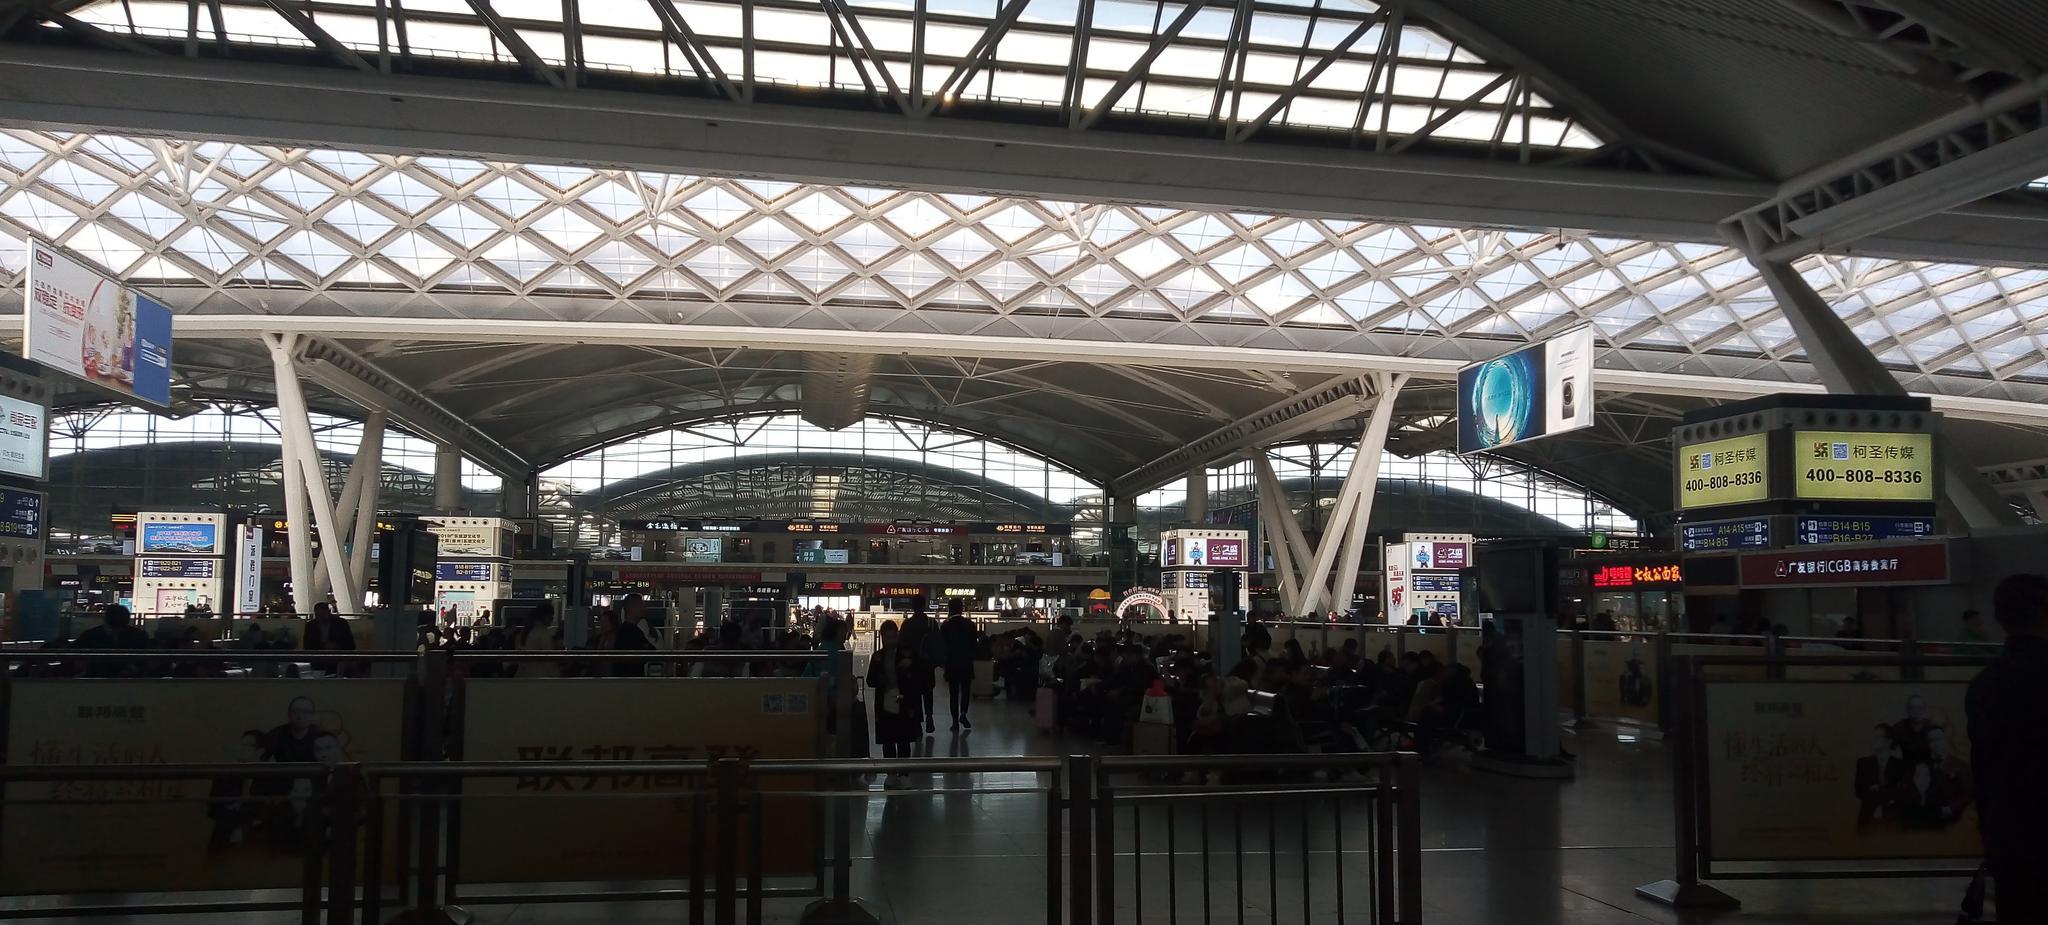 广州南高铁站实拍,你们在这里坐过车吗?